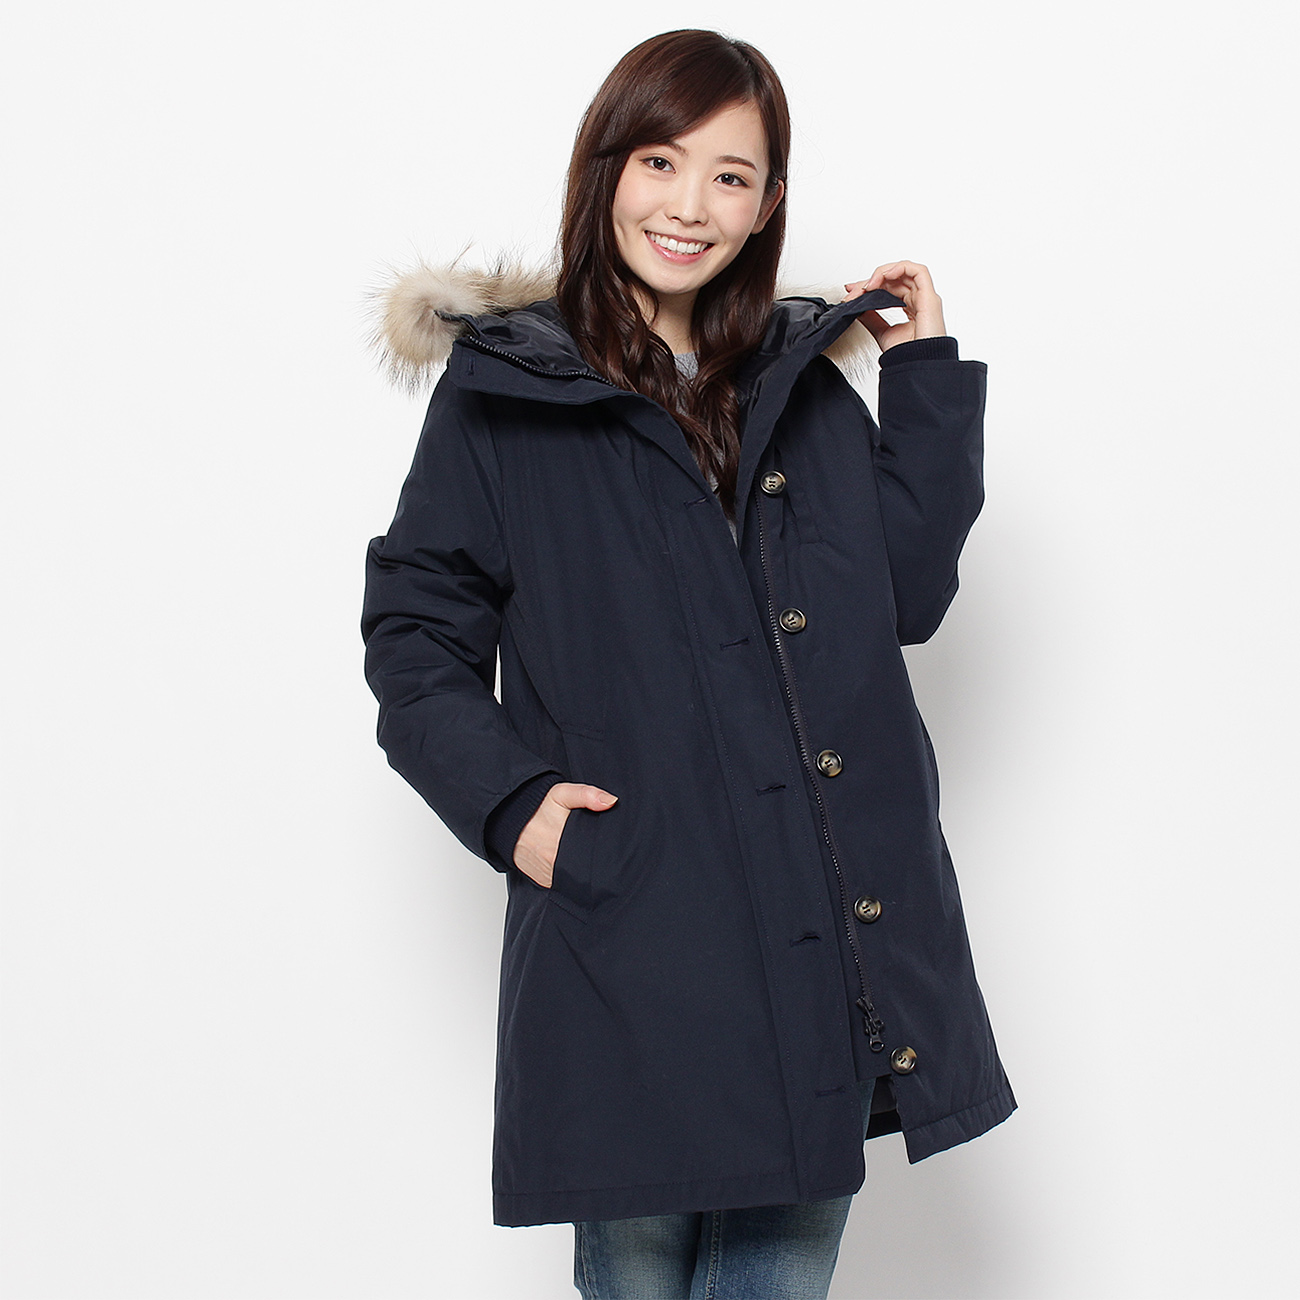 【Dessin(Ladies) (デッサン)】ファーフード中綿コートレディース コート モッズ・フィールドコート ネイビー